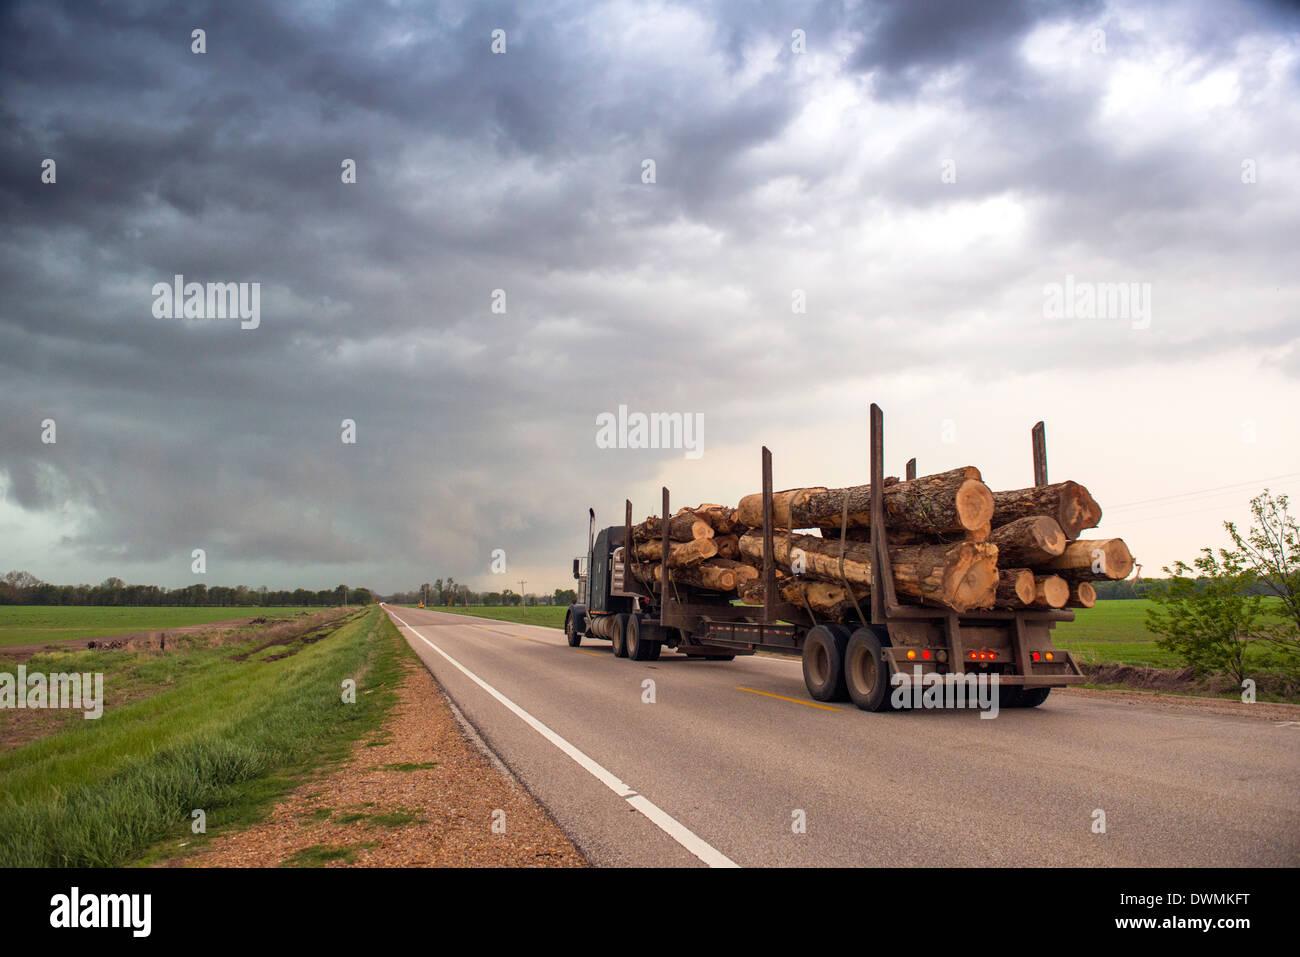 Camión de registro en Mississippi conduciendo en el corazón de una tormenta con una extrema tornado WATCH, Estados Unidos de América Imagen De Stock